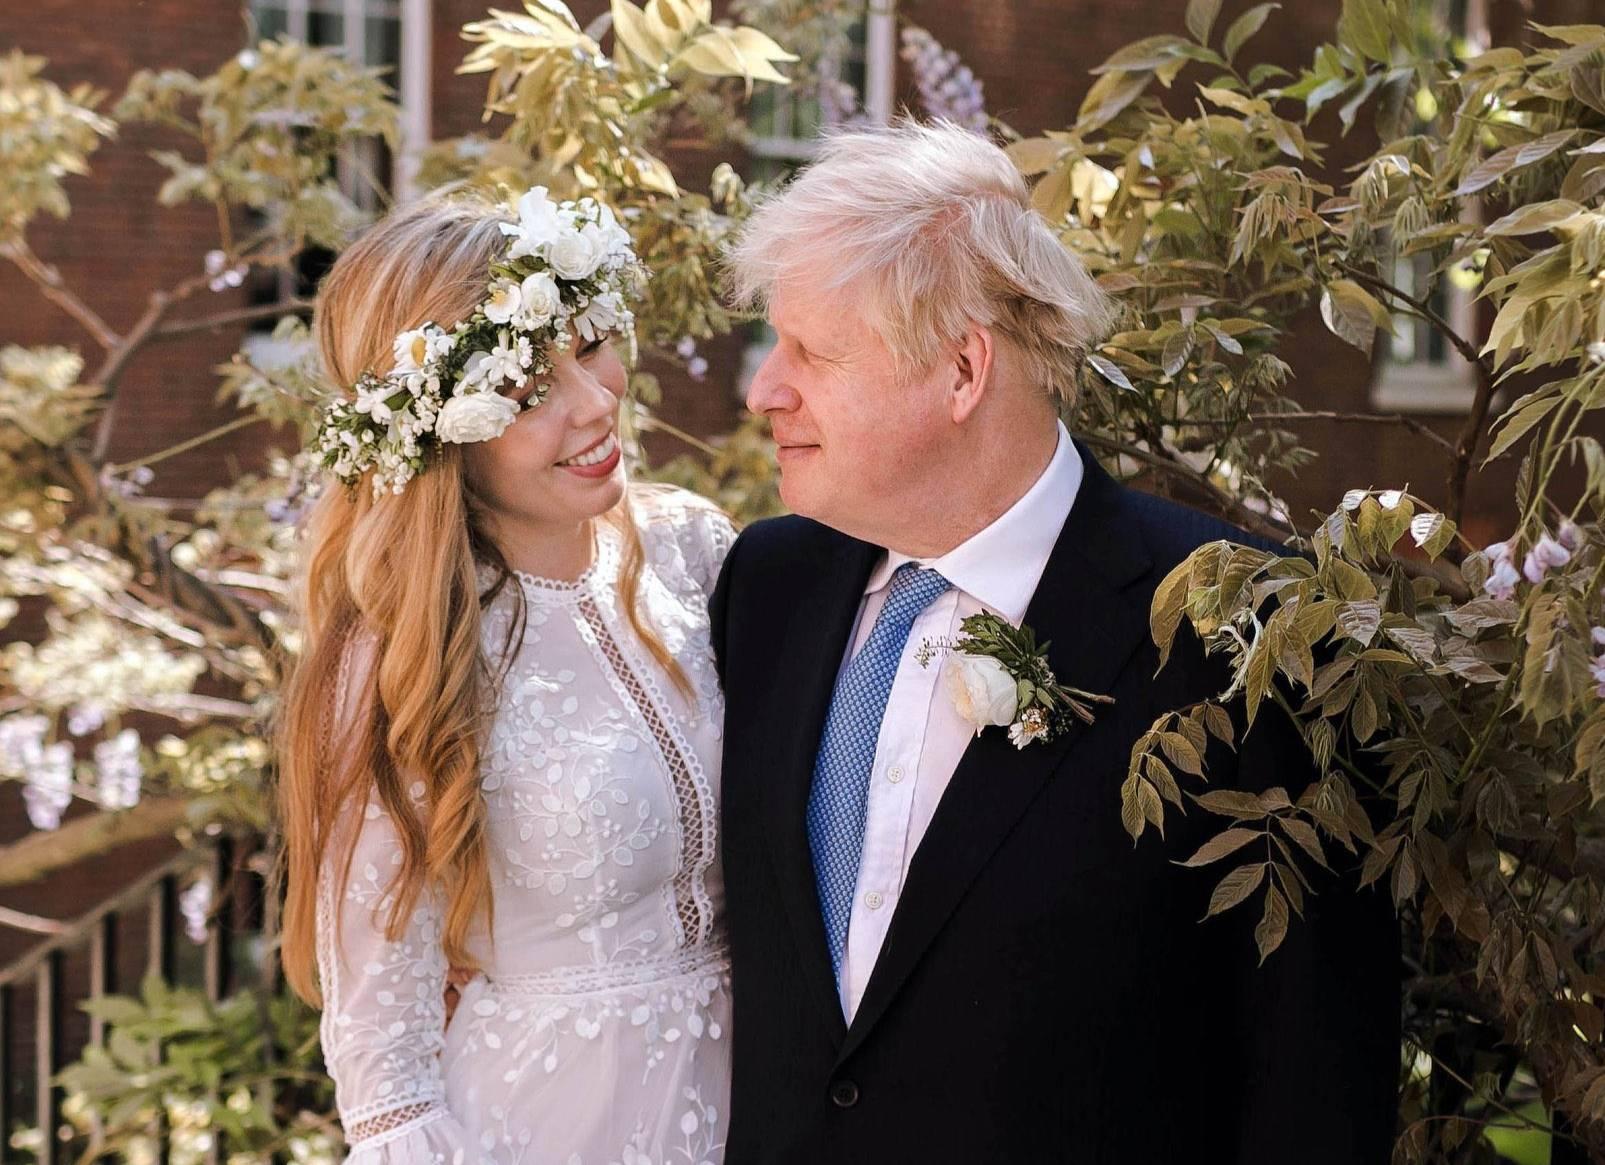 Что известно о красотке, которая тайно вышла замуж за Бориса Джонсона, несмотря на разницу в 25 лет